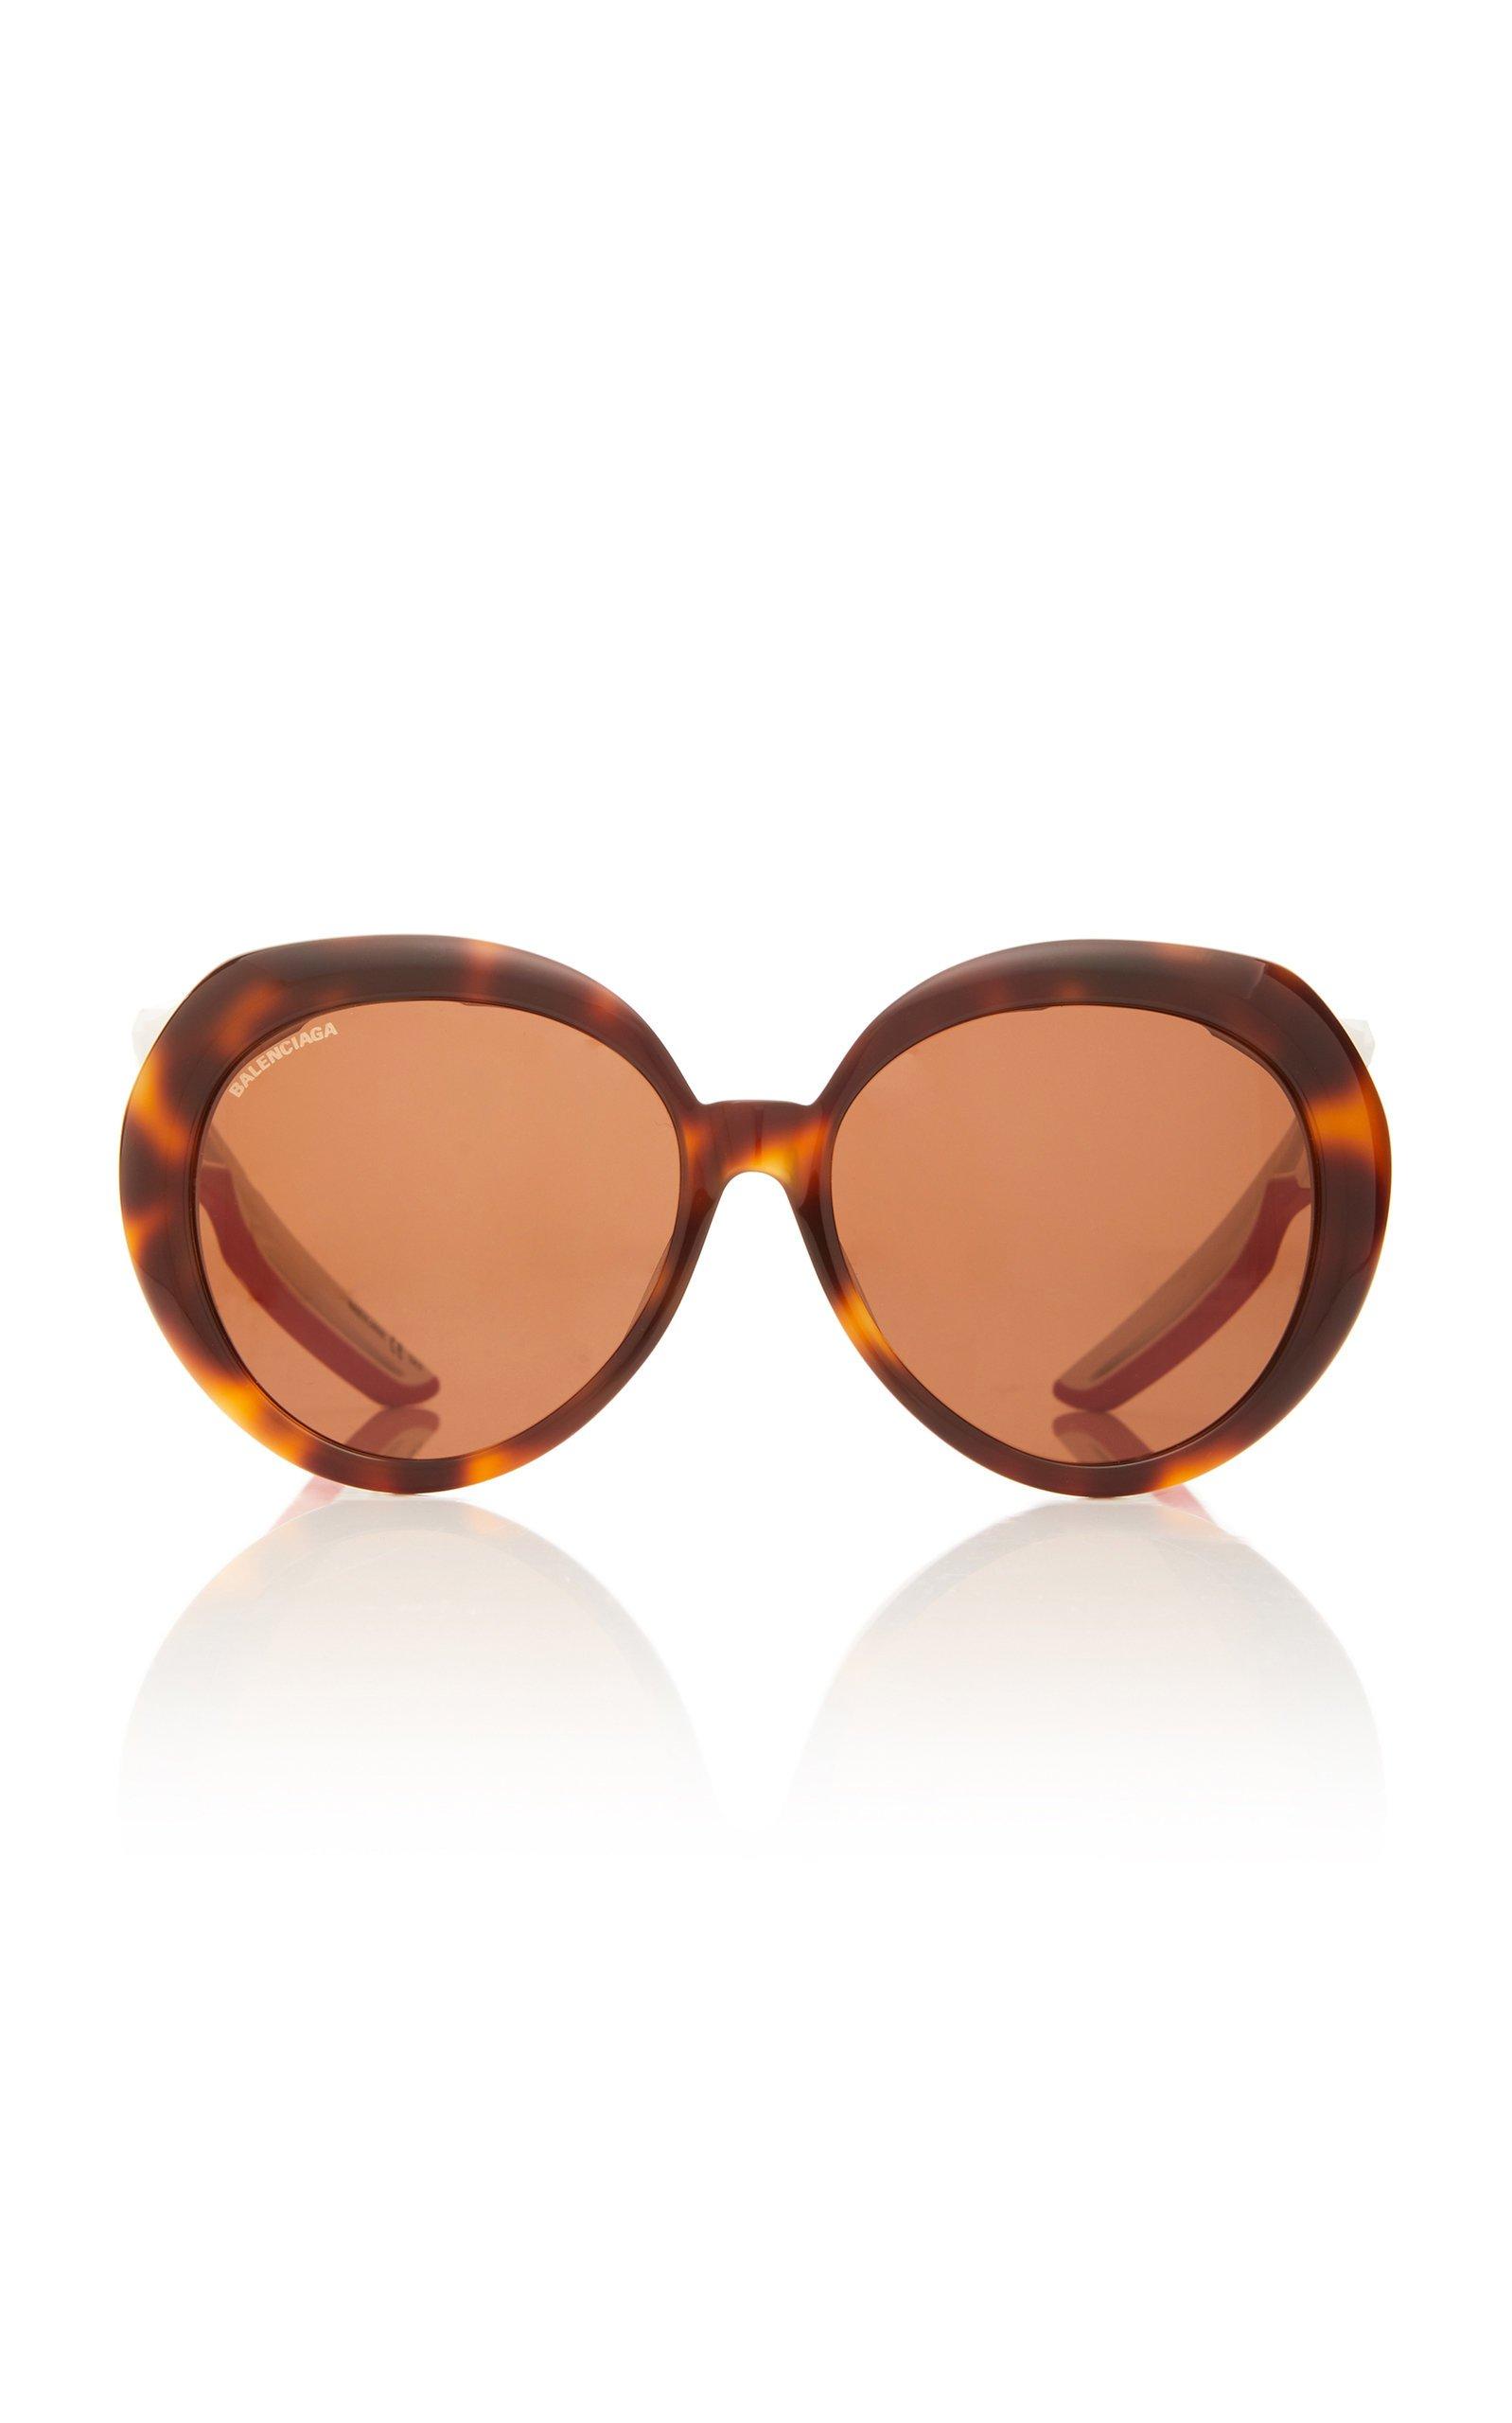 Balenciaga Hybrid Acetate Oversized Round-Frame Sunglasses